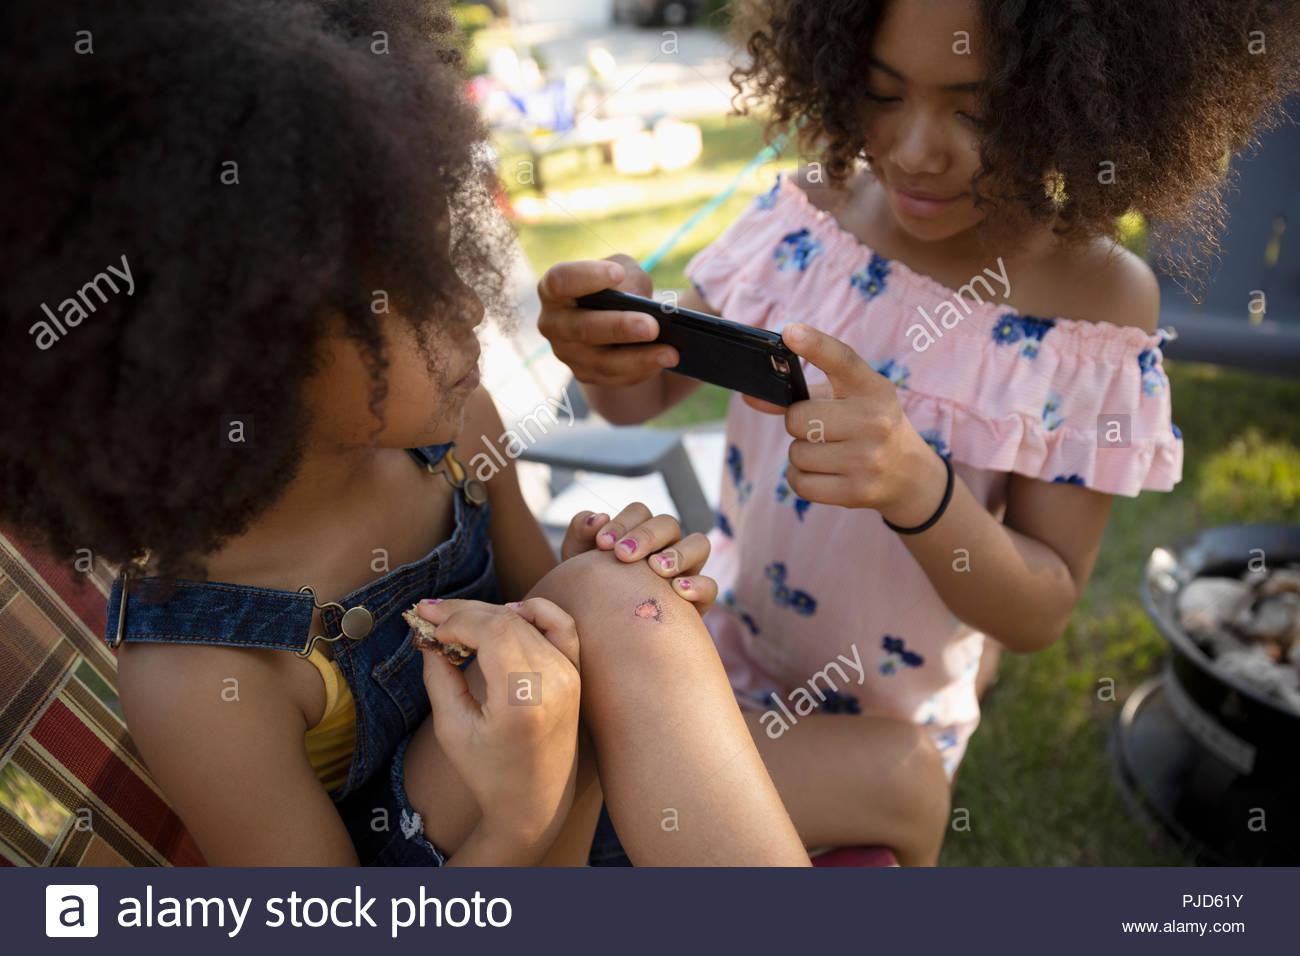 Chica con cámara teléfono fotografiar hermana con la rodilla raspada Imagen De Stock